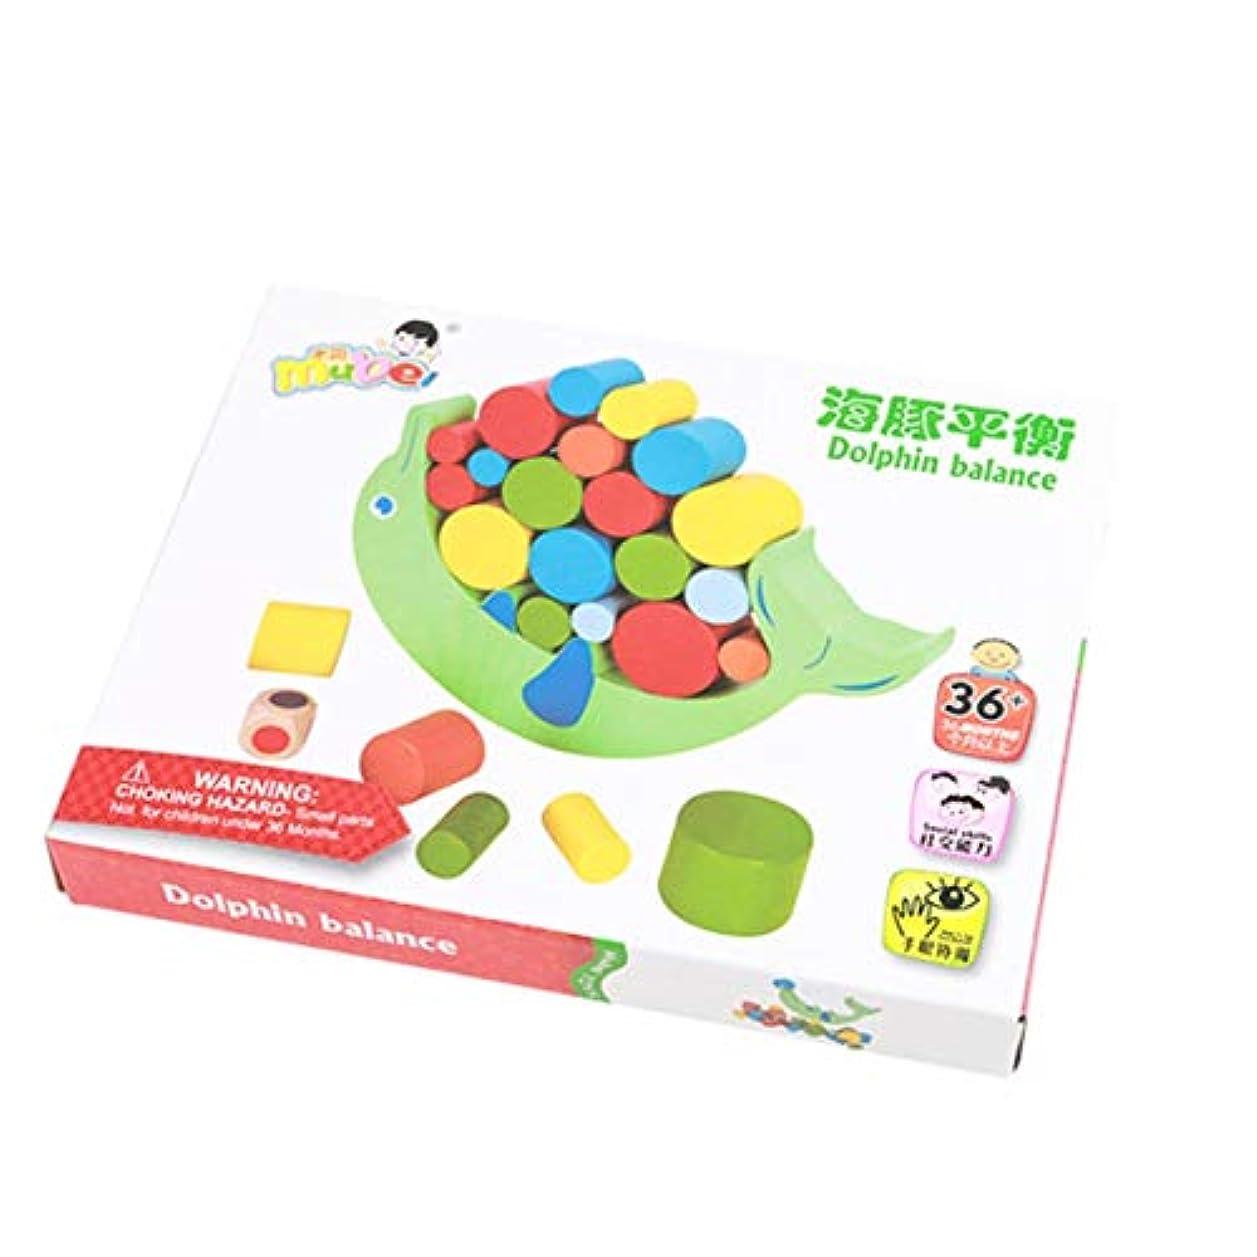 うがい多様なゼロクリエイティブウッドイルカバランスゲームブロック赤ちゃんのおもちゃ子供ハンズオンおもちゃ建物バランスブロック3歳用マルチカラー